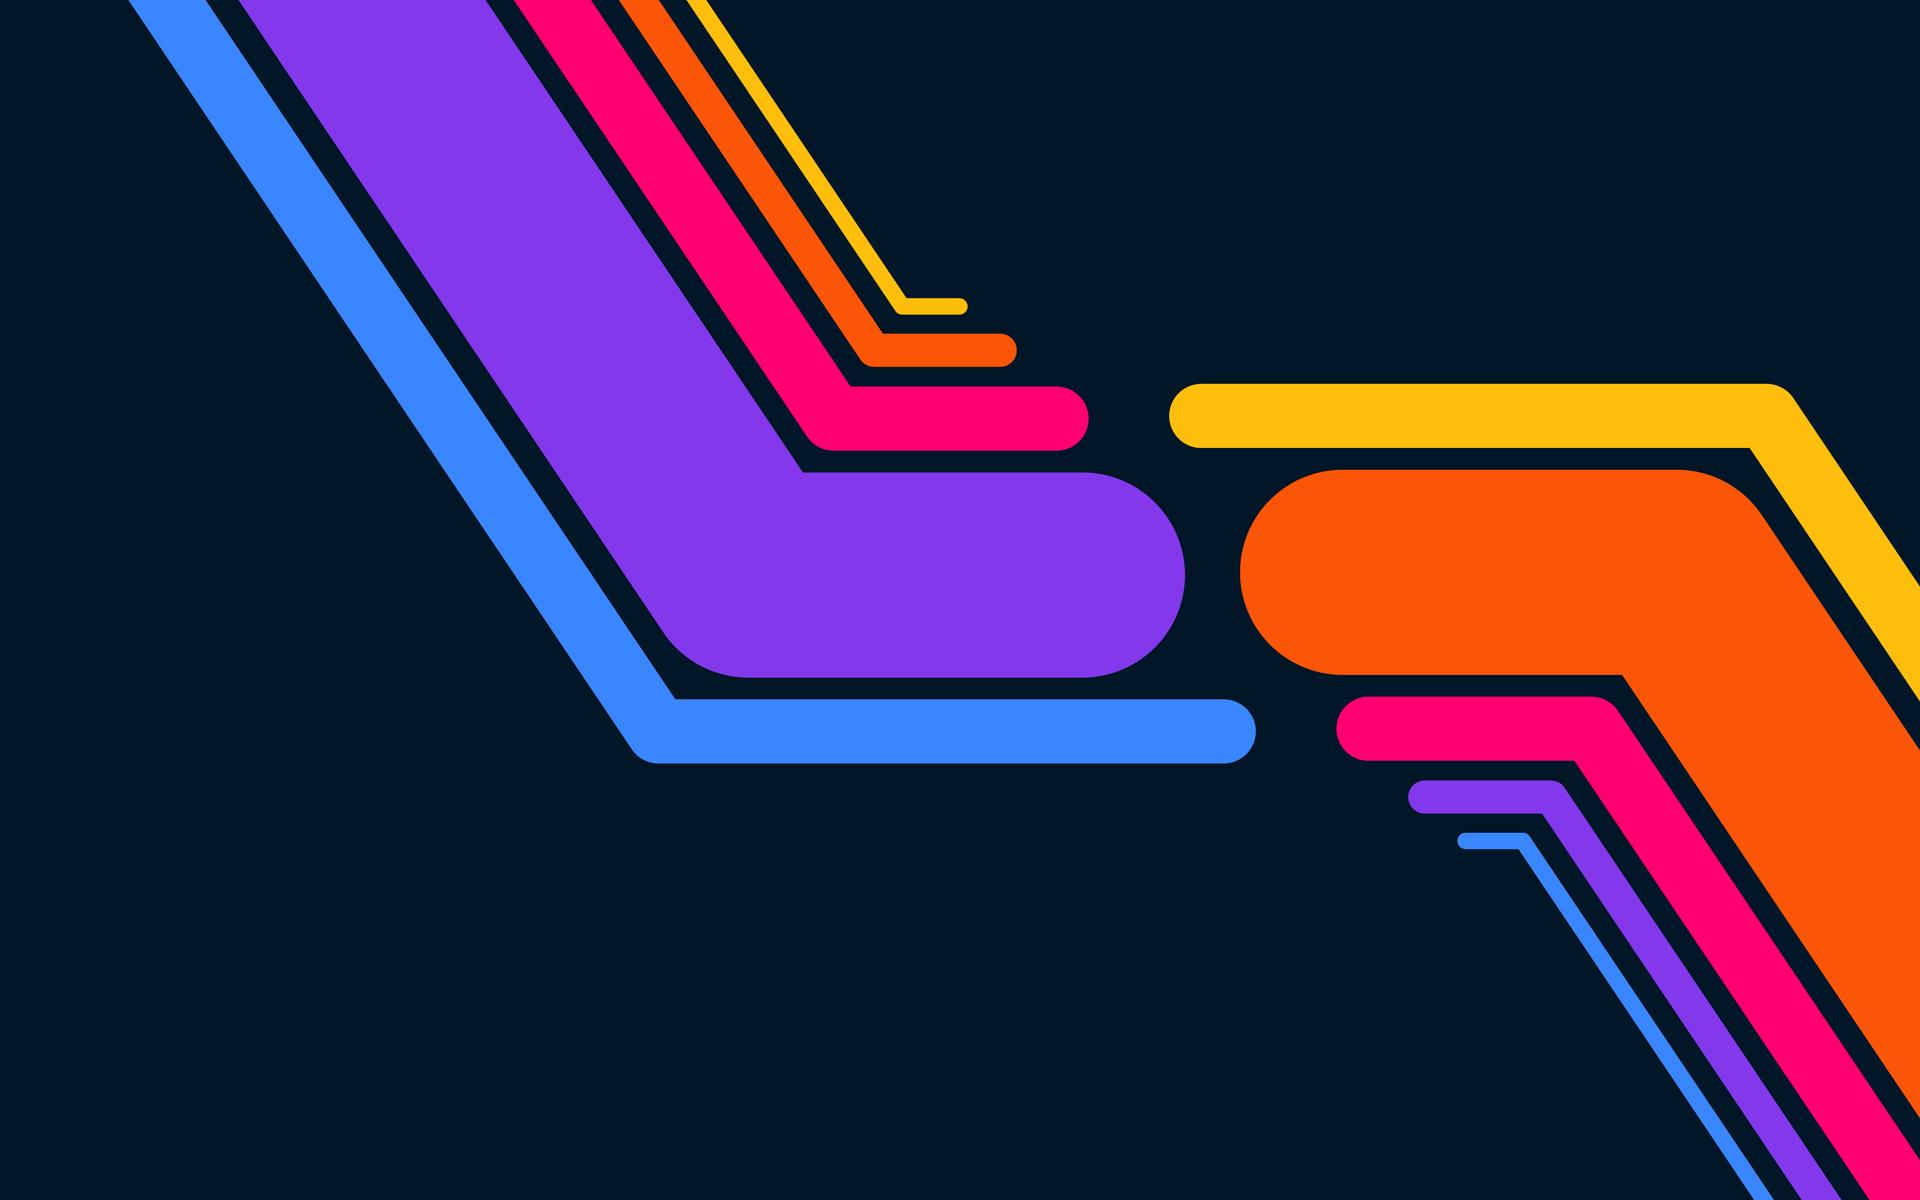 dark-lines-colorful-minimal-8k-8n.jpg